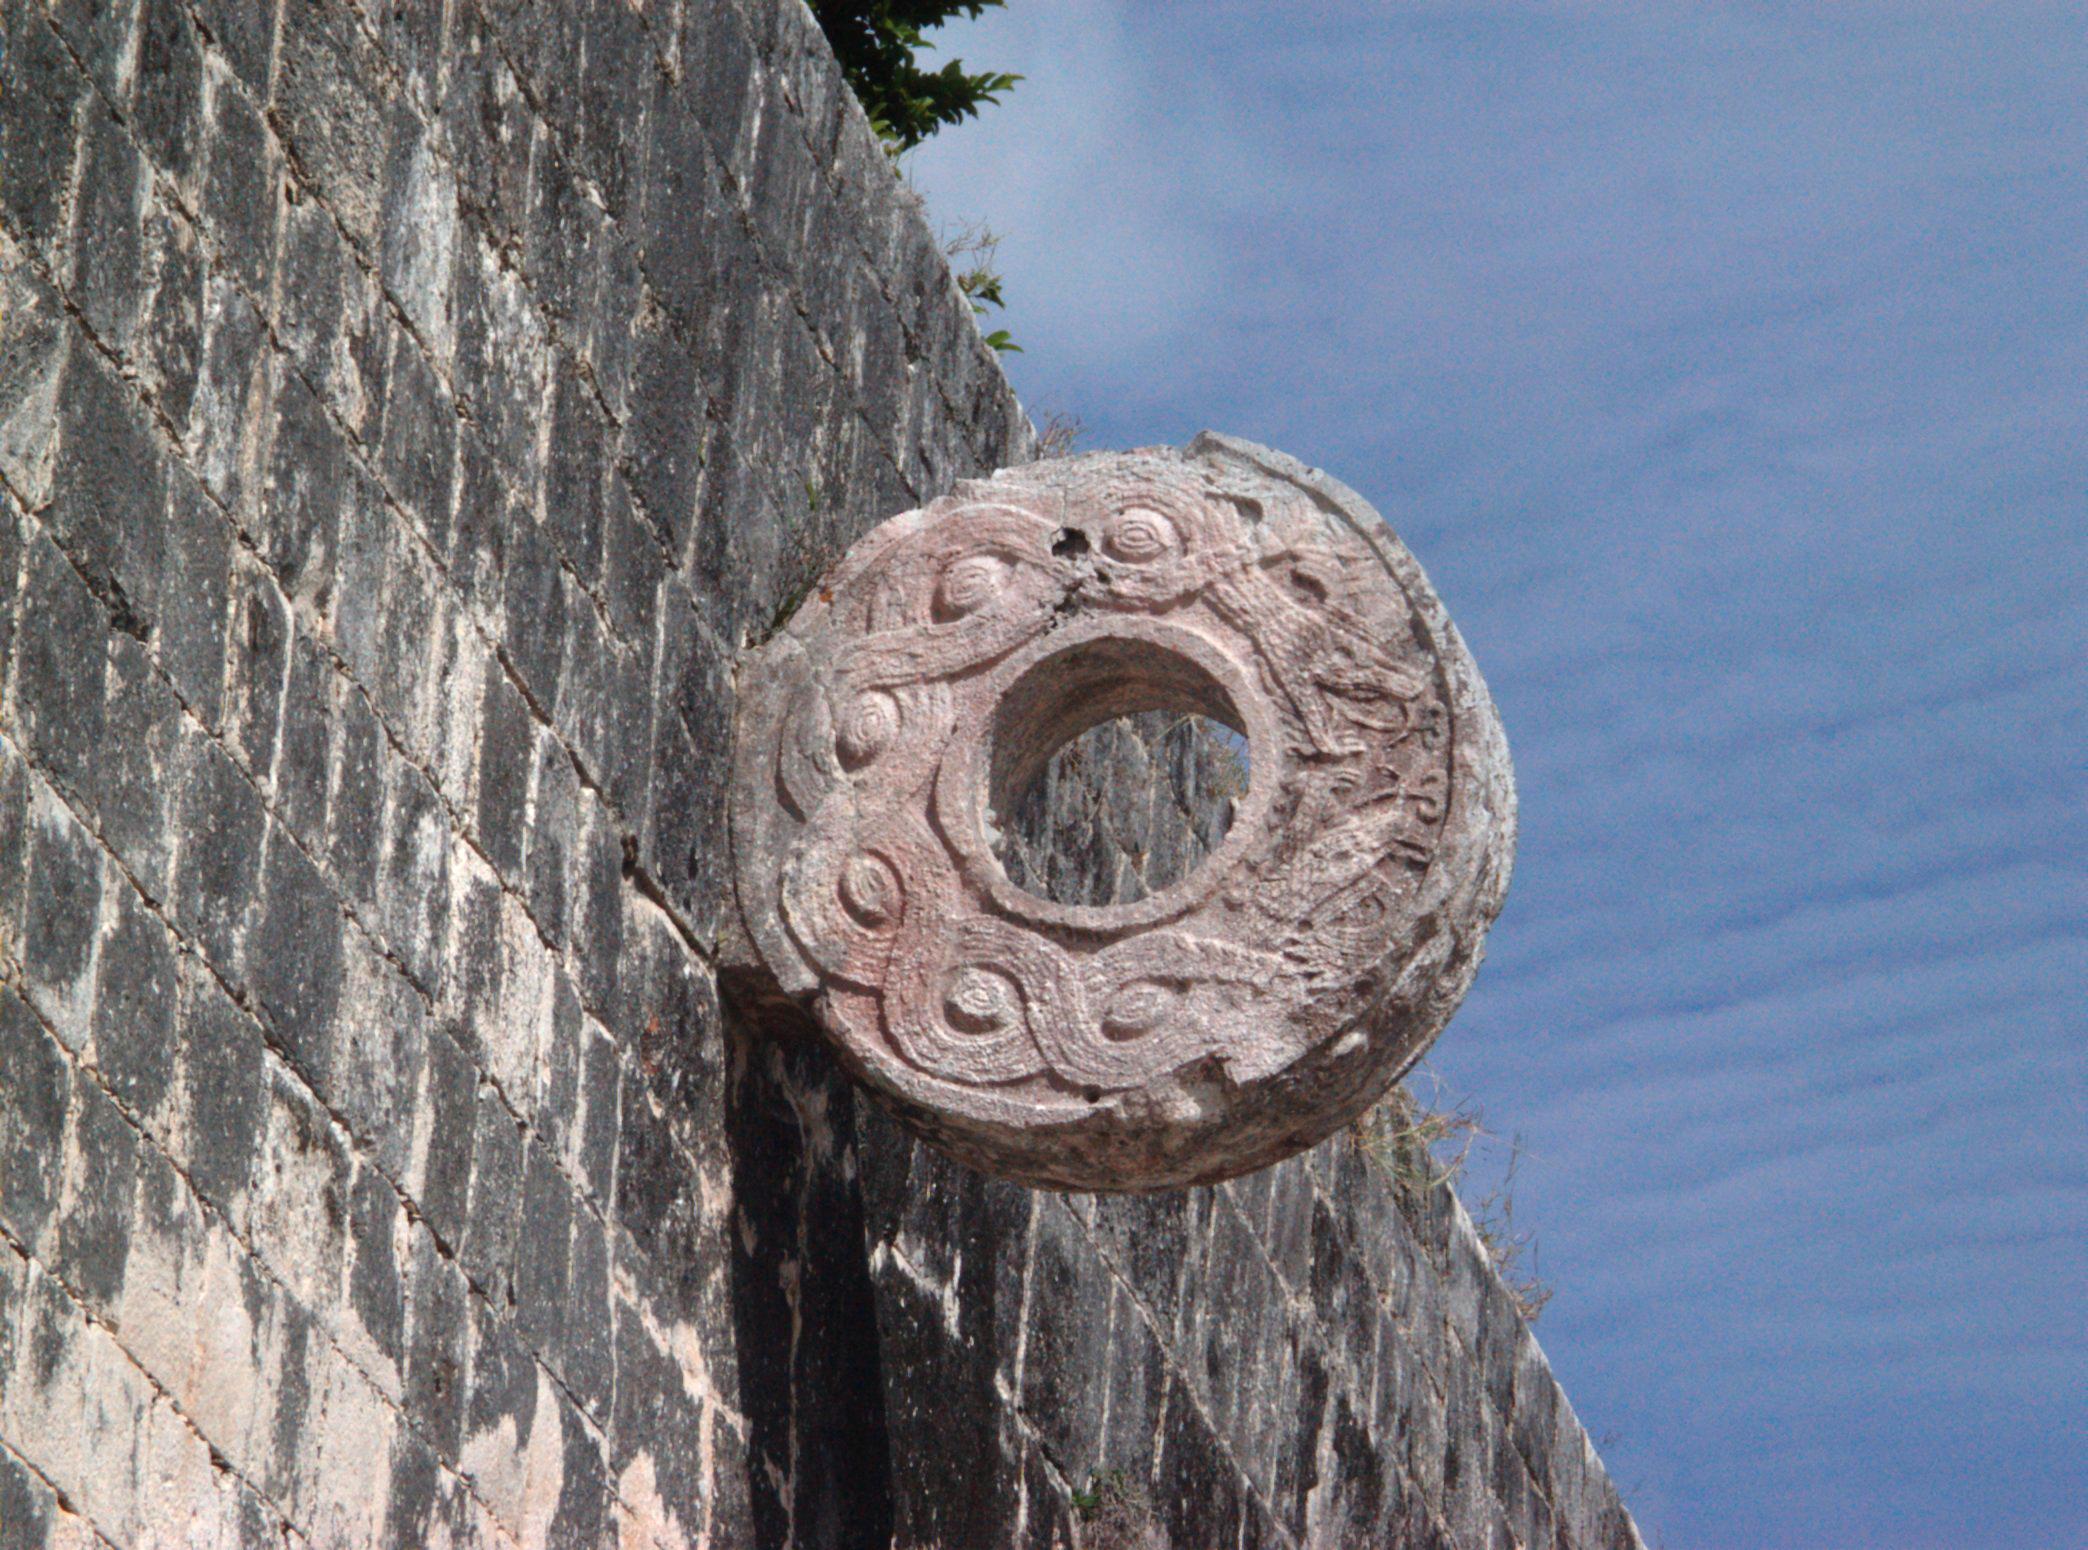 Esporte exótico - aro do futebol mesoamericano